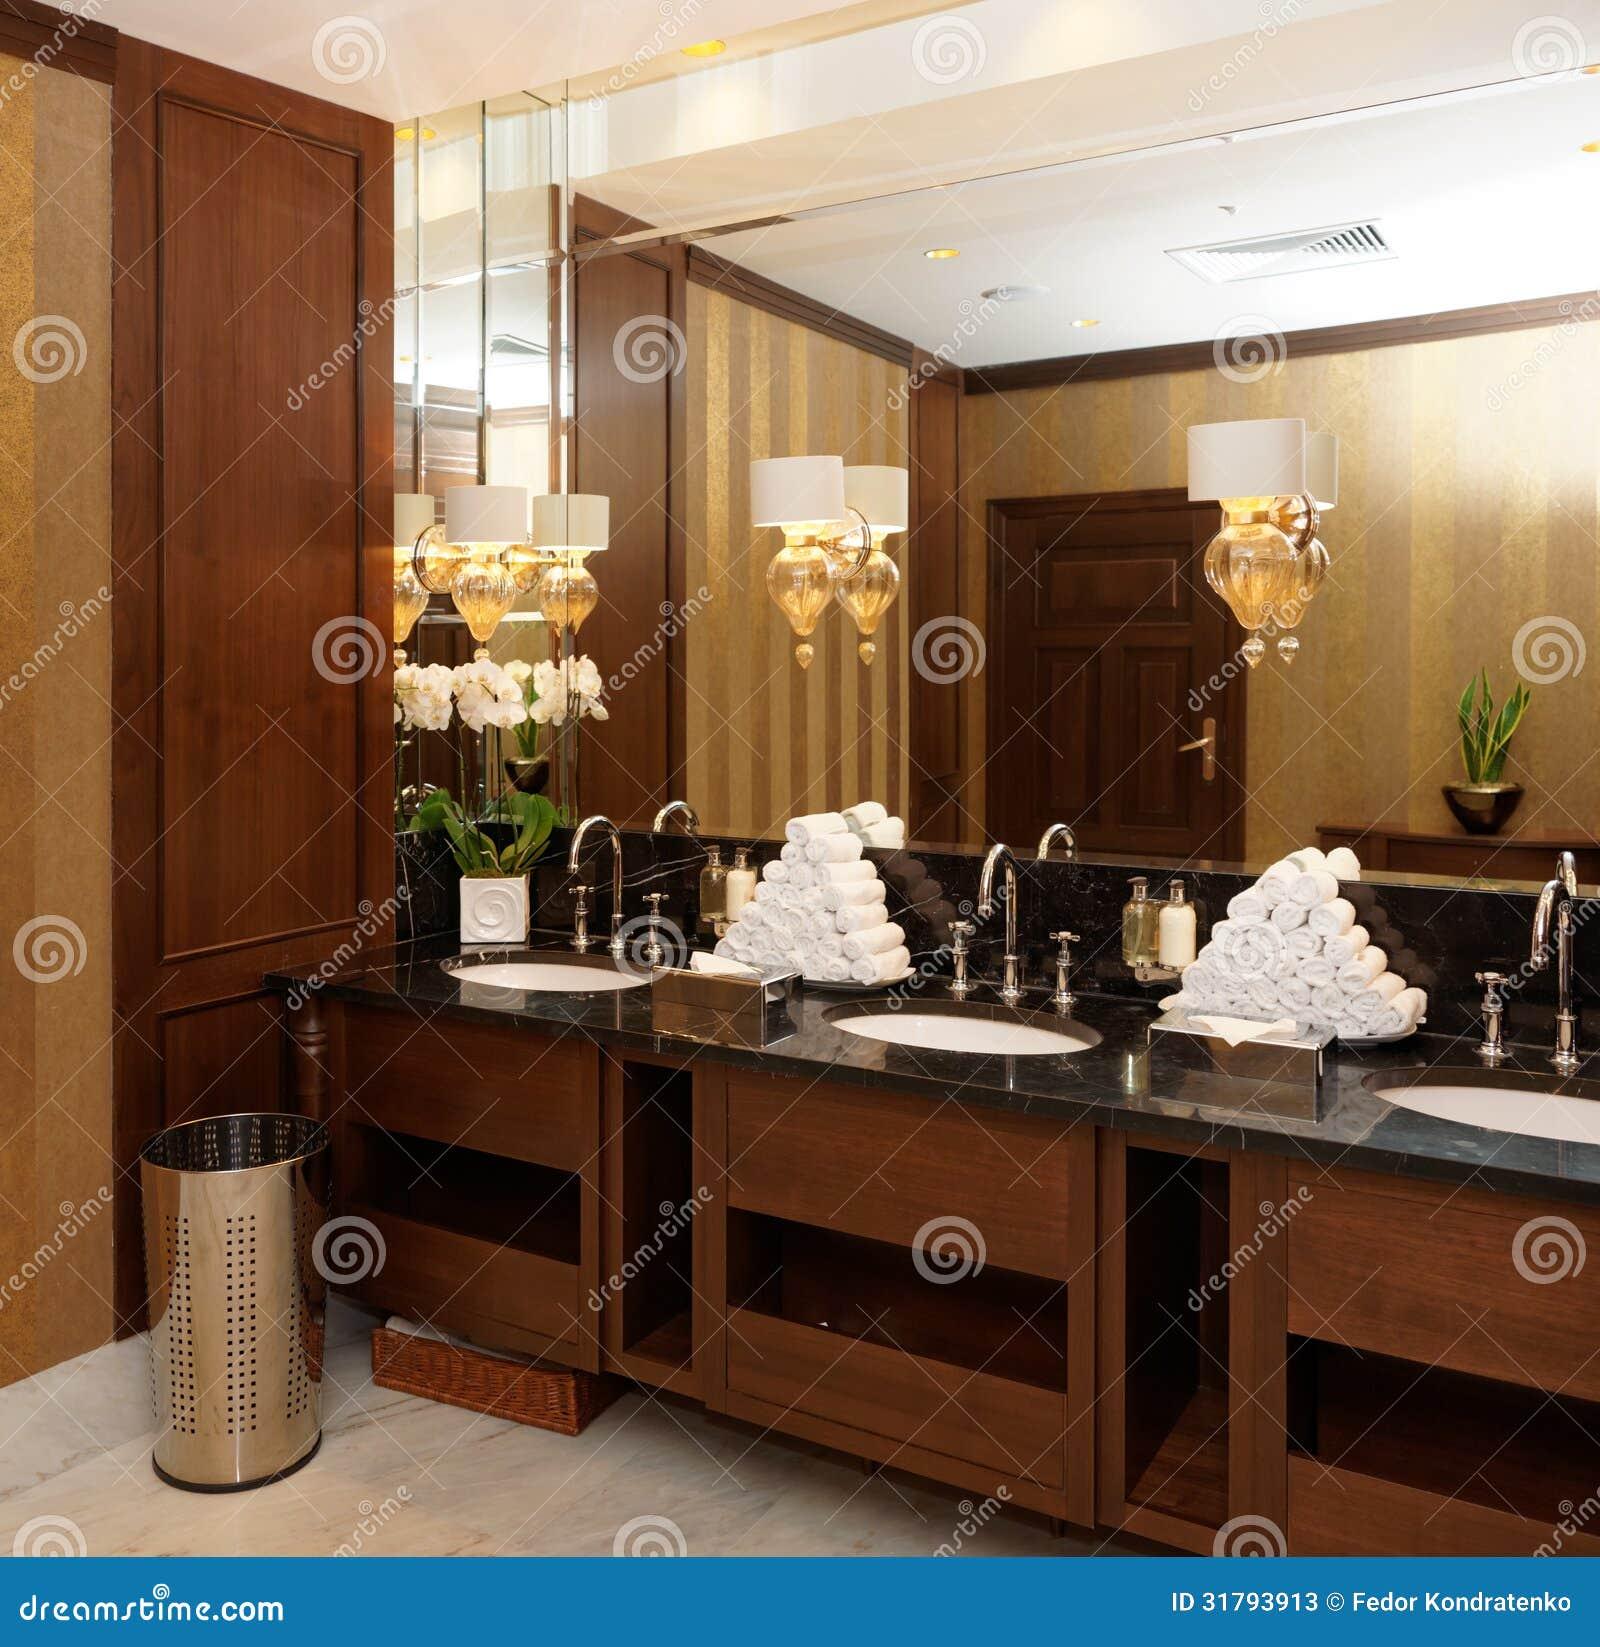 toilettes dans l 39 h tel ou le restaurant image stock image du fleurs hygi ne 31793913. Black Bedroom Furniture Sets. Home Design Ideas